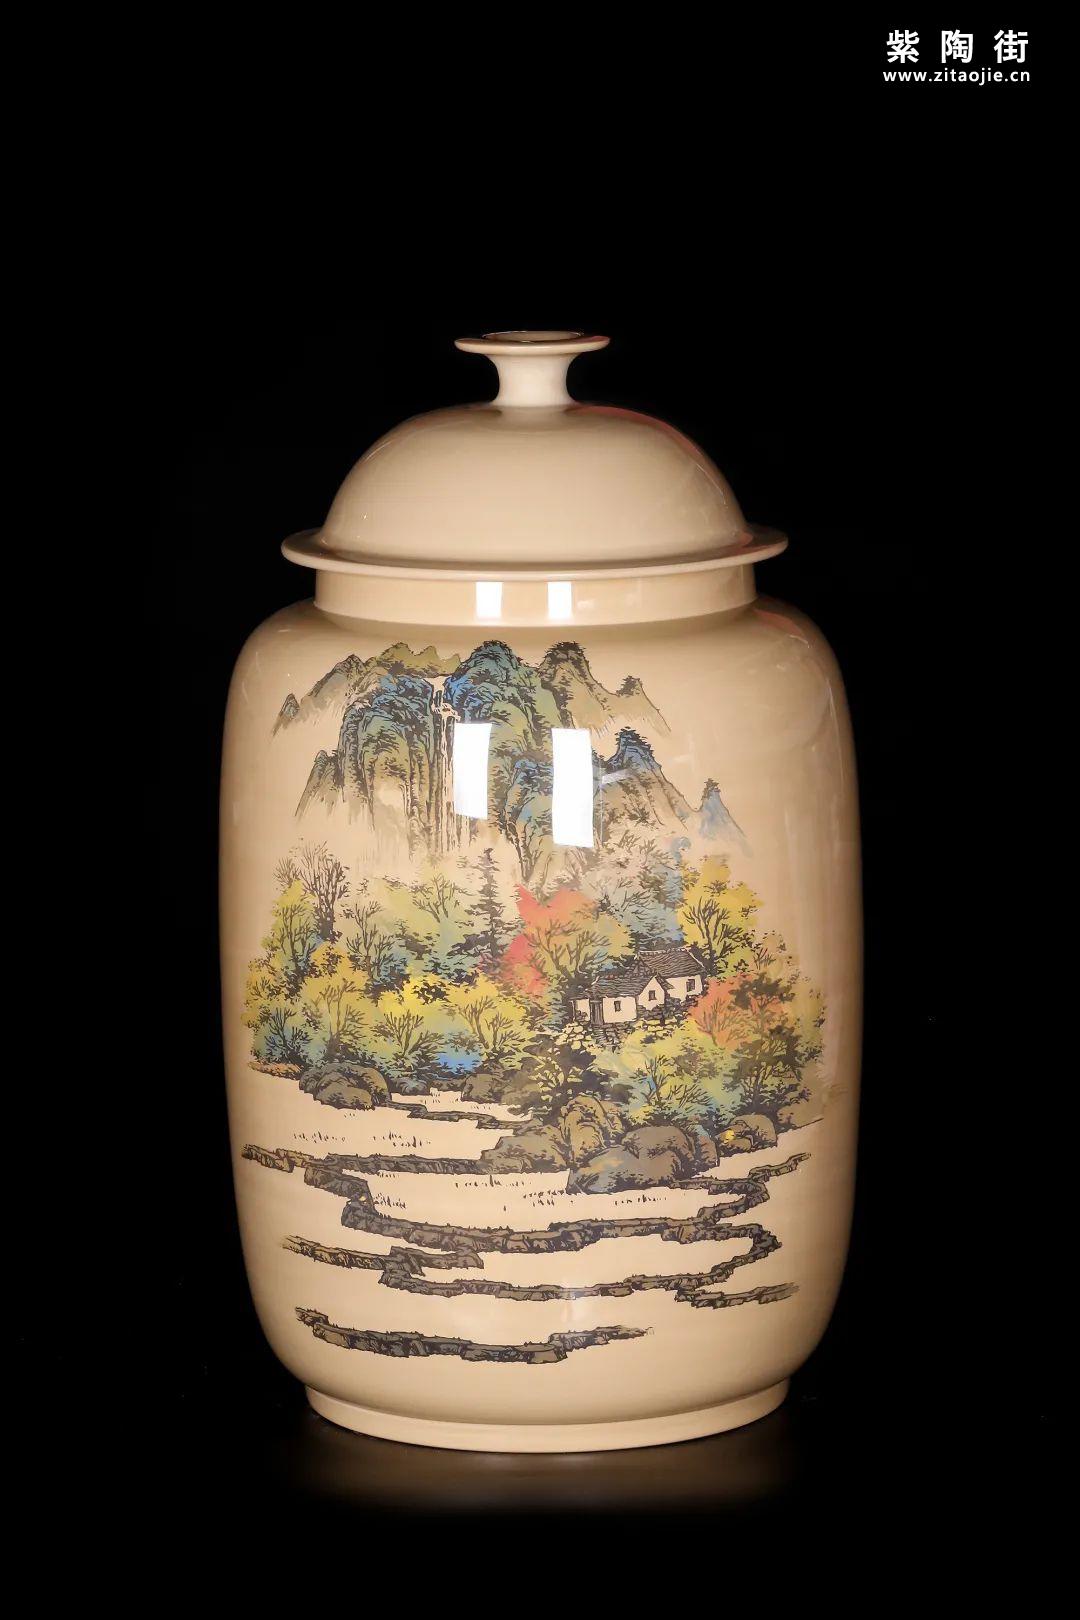 廖建忠、廖渊涵的青绿山水装饰紫陶缸插图14